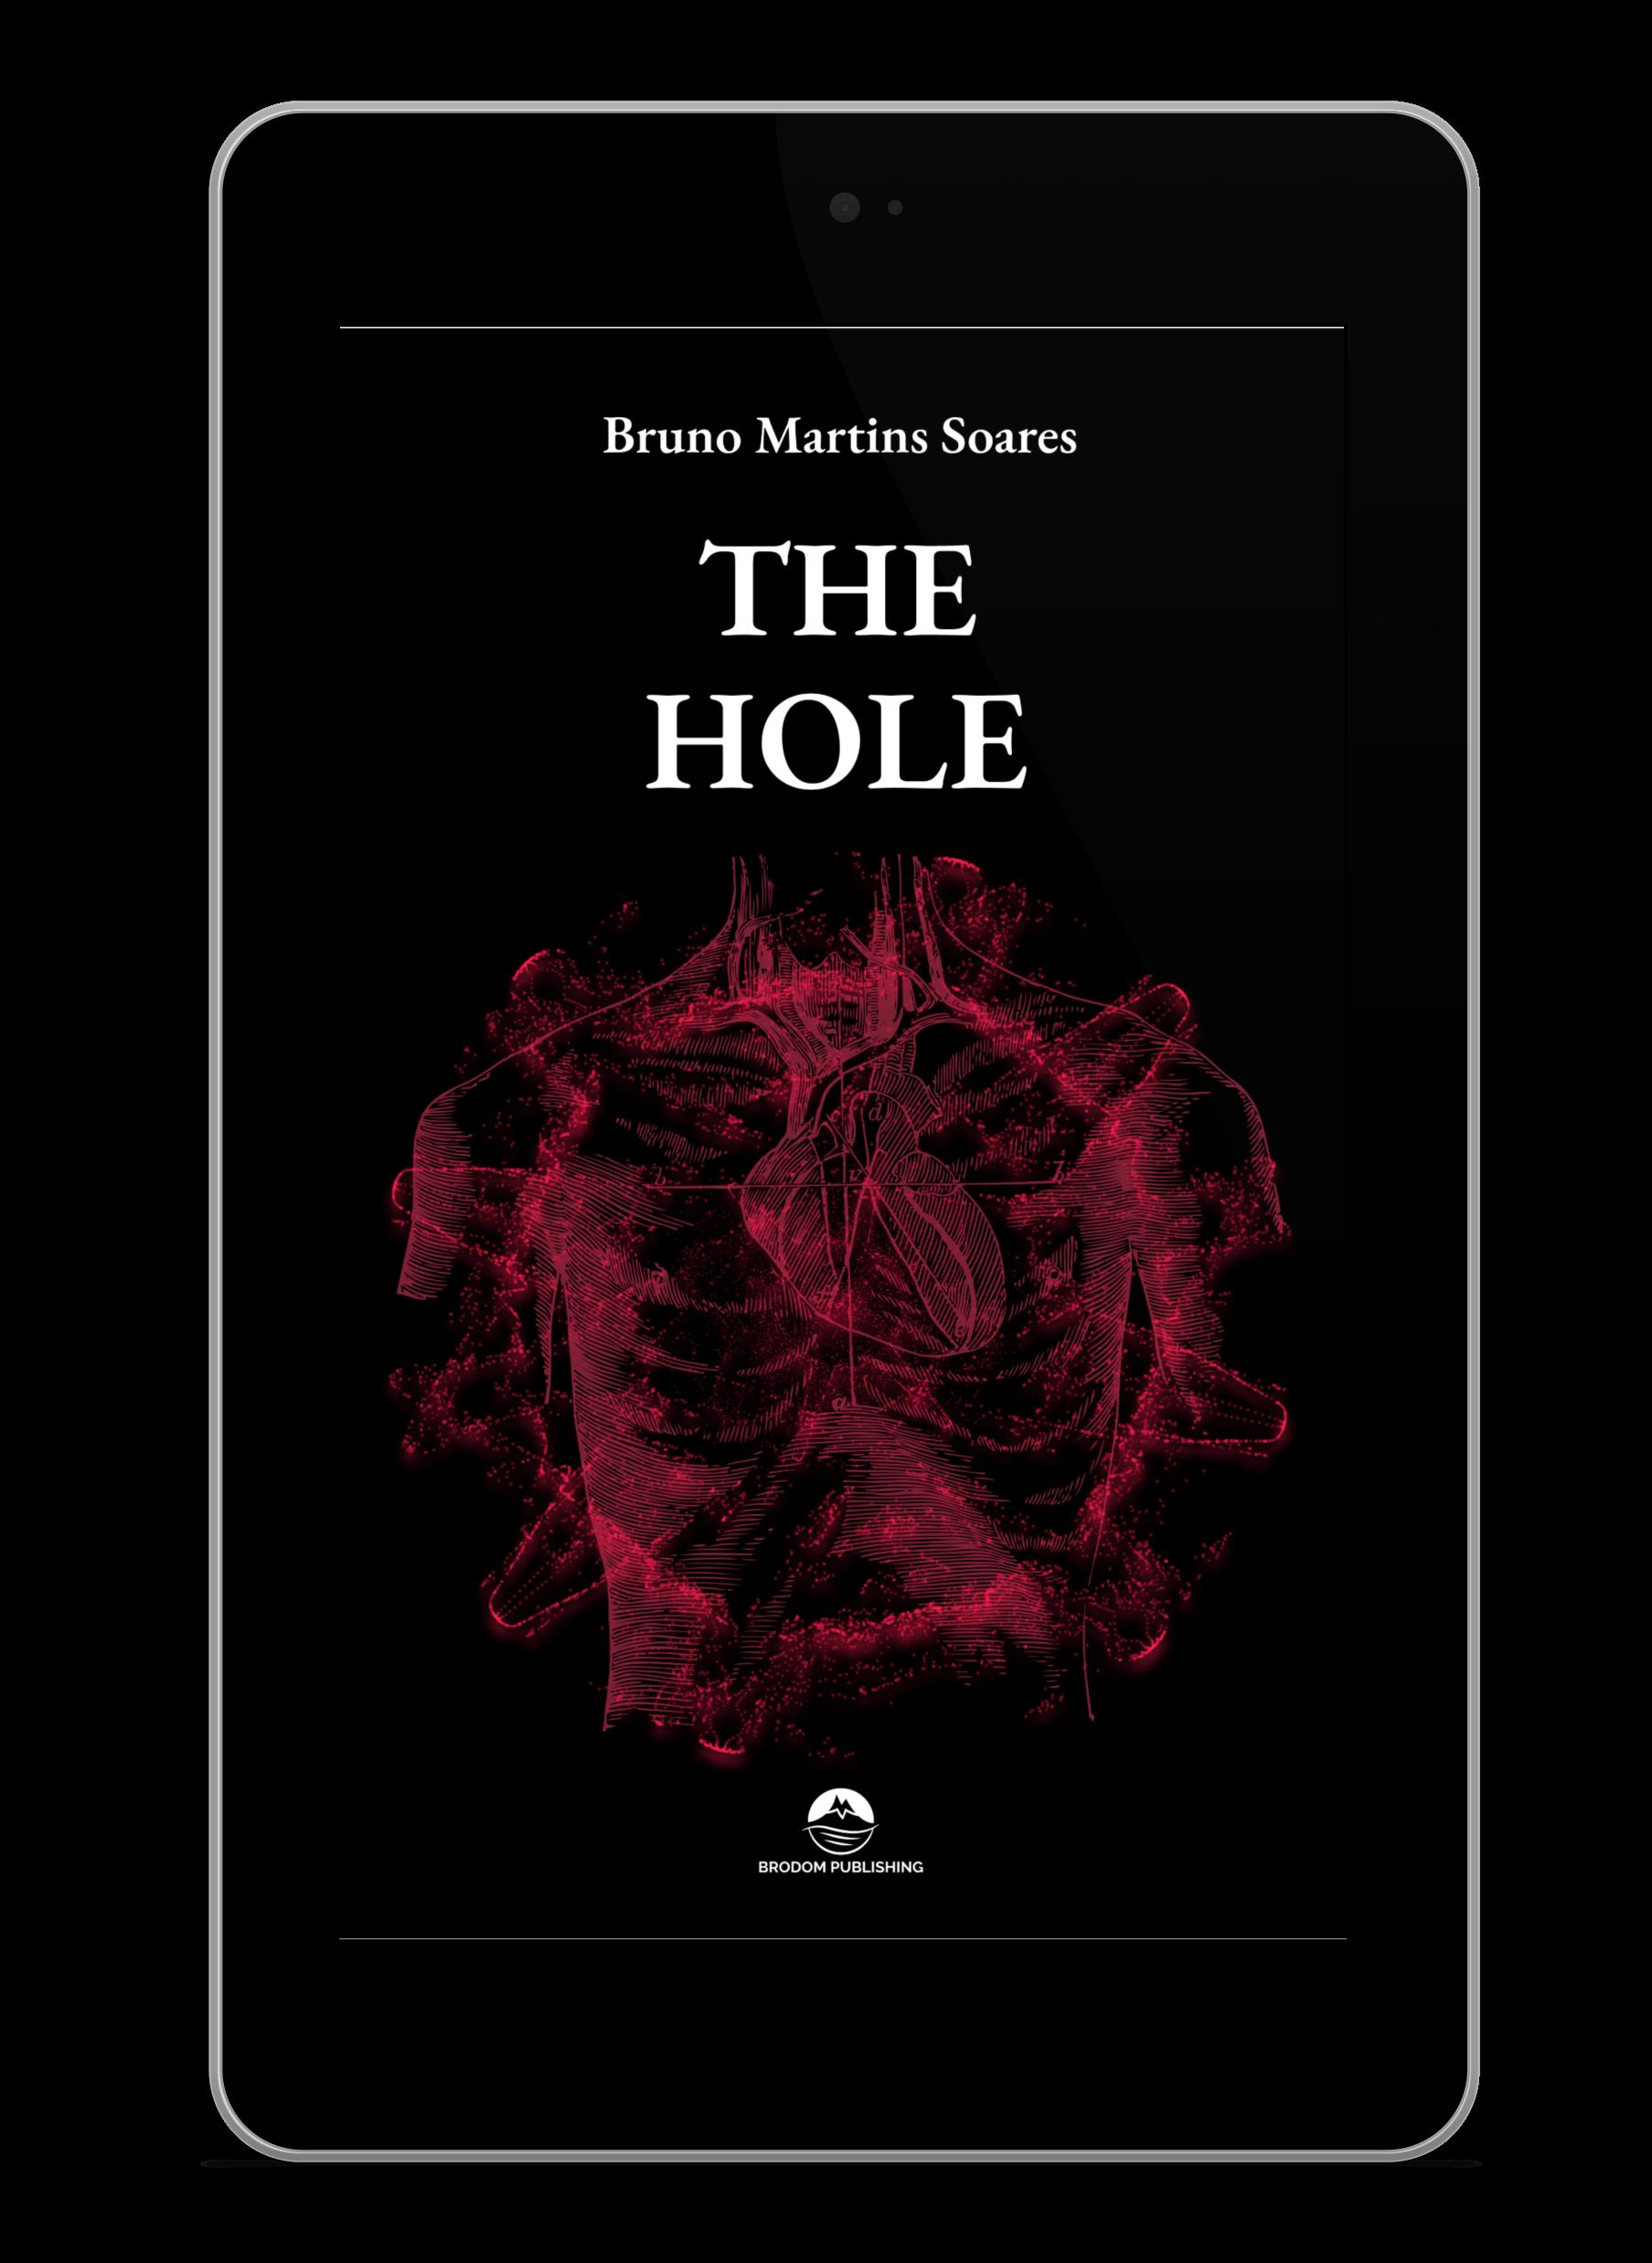 Hole_google-nexus-7-white-background_Crop